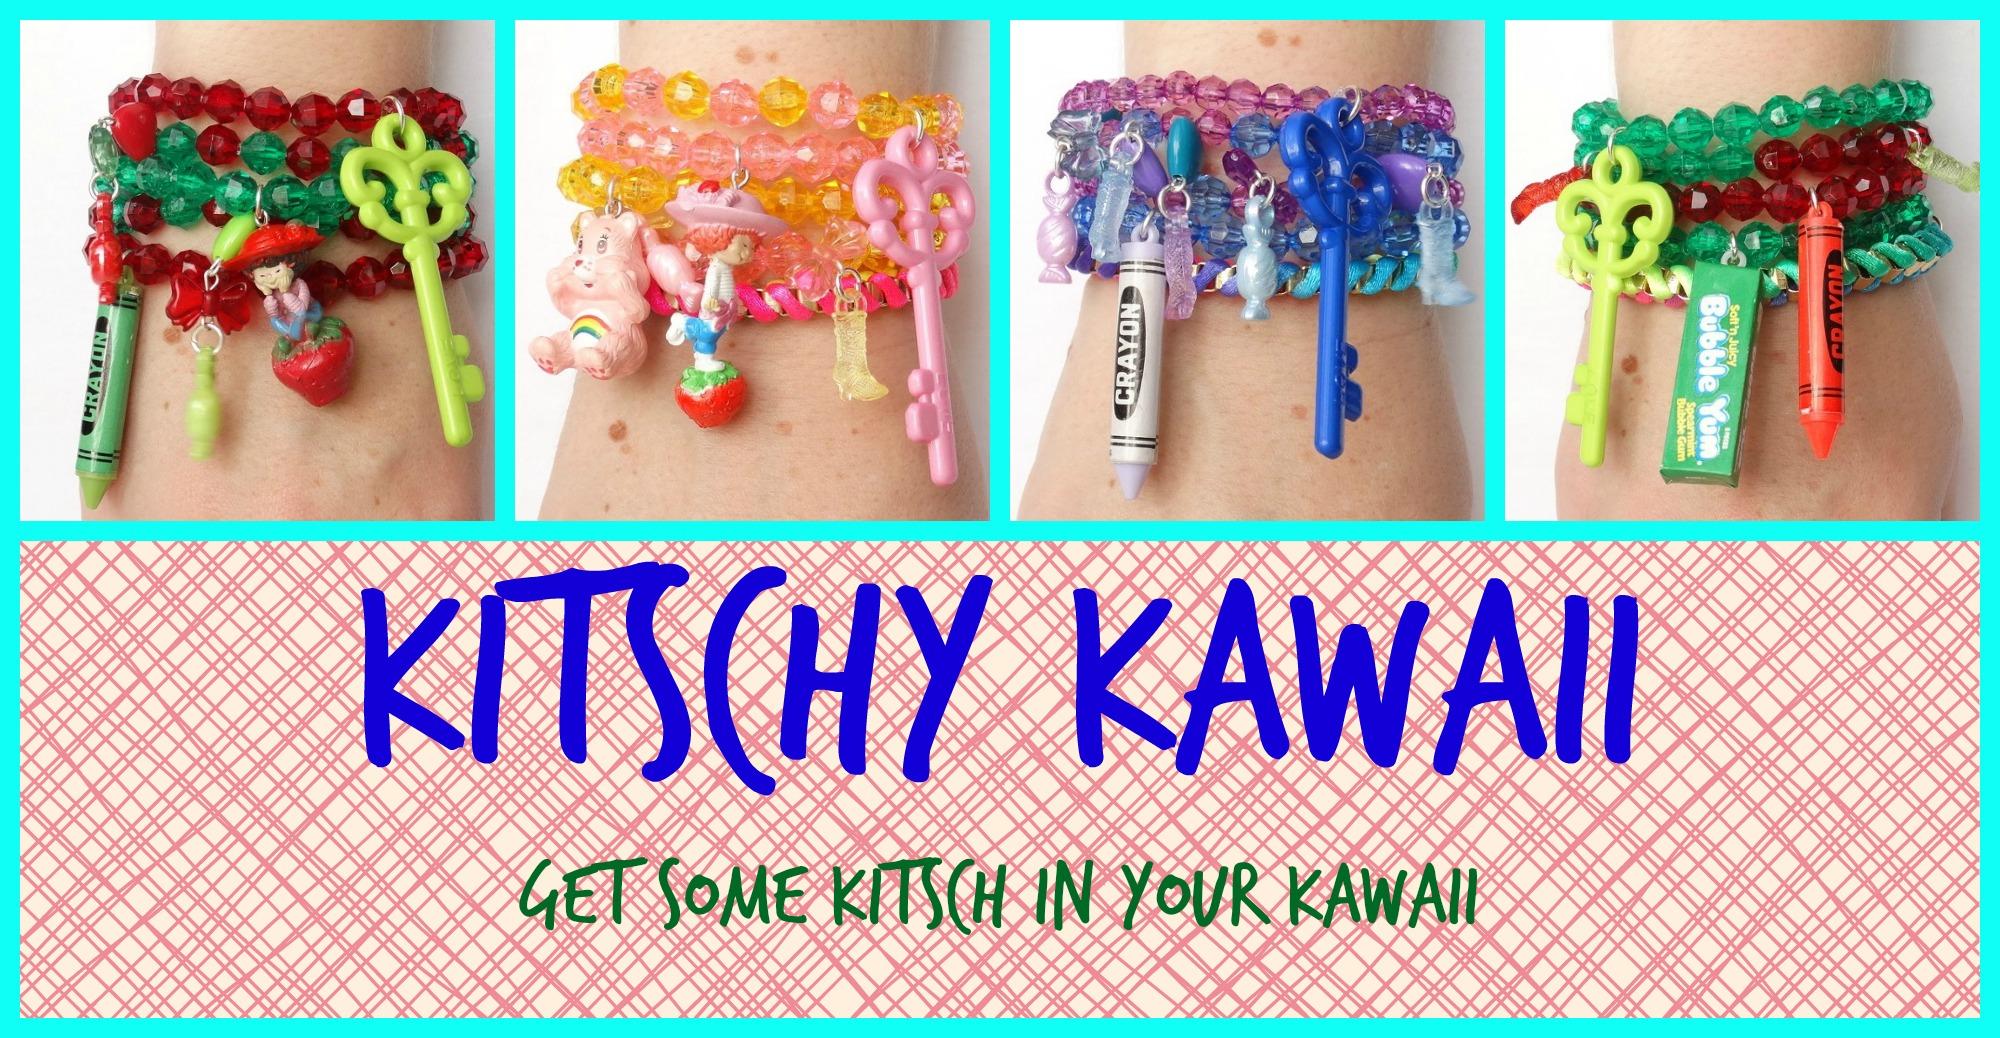 KITSCHY KAWAII